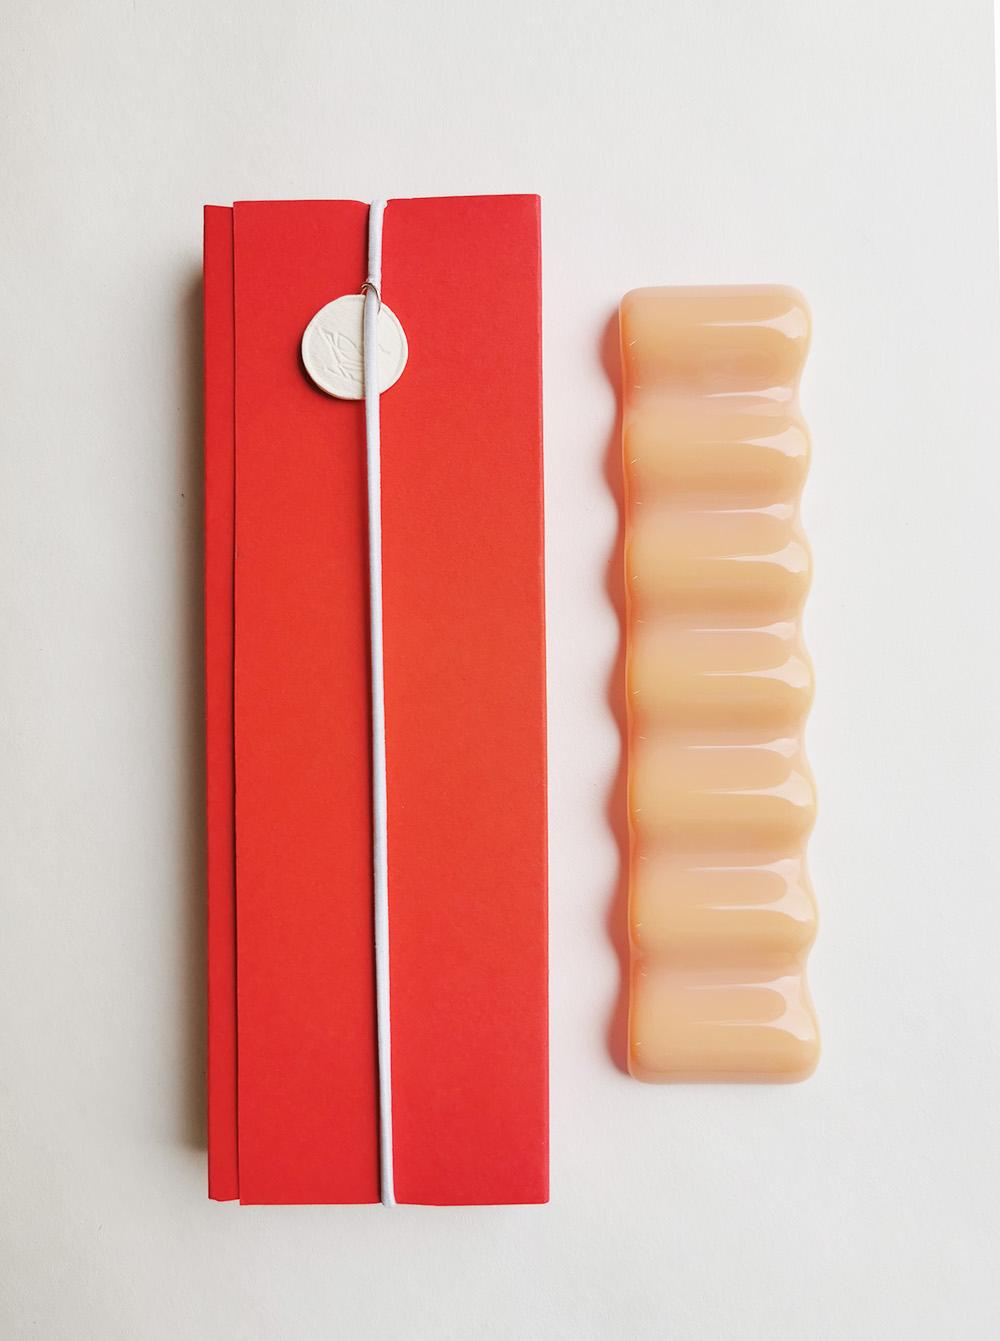 Купить Стеклянная подставка под инструменты Vasuri, цвет Персик, Vasuri Glass, Россия